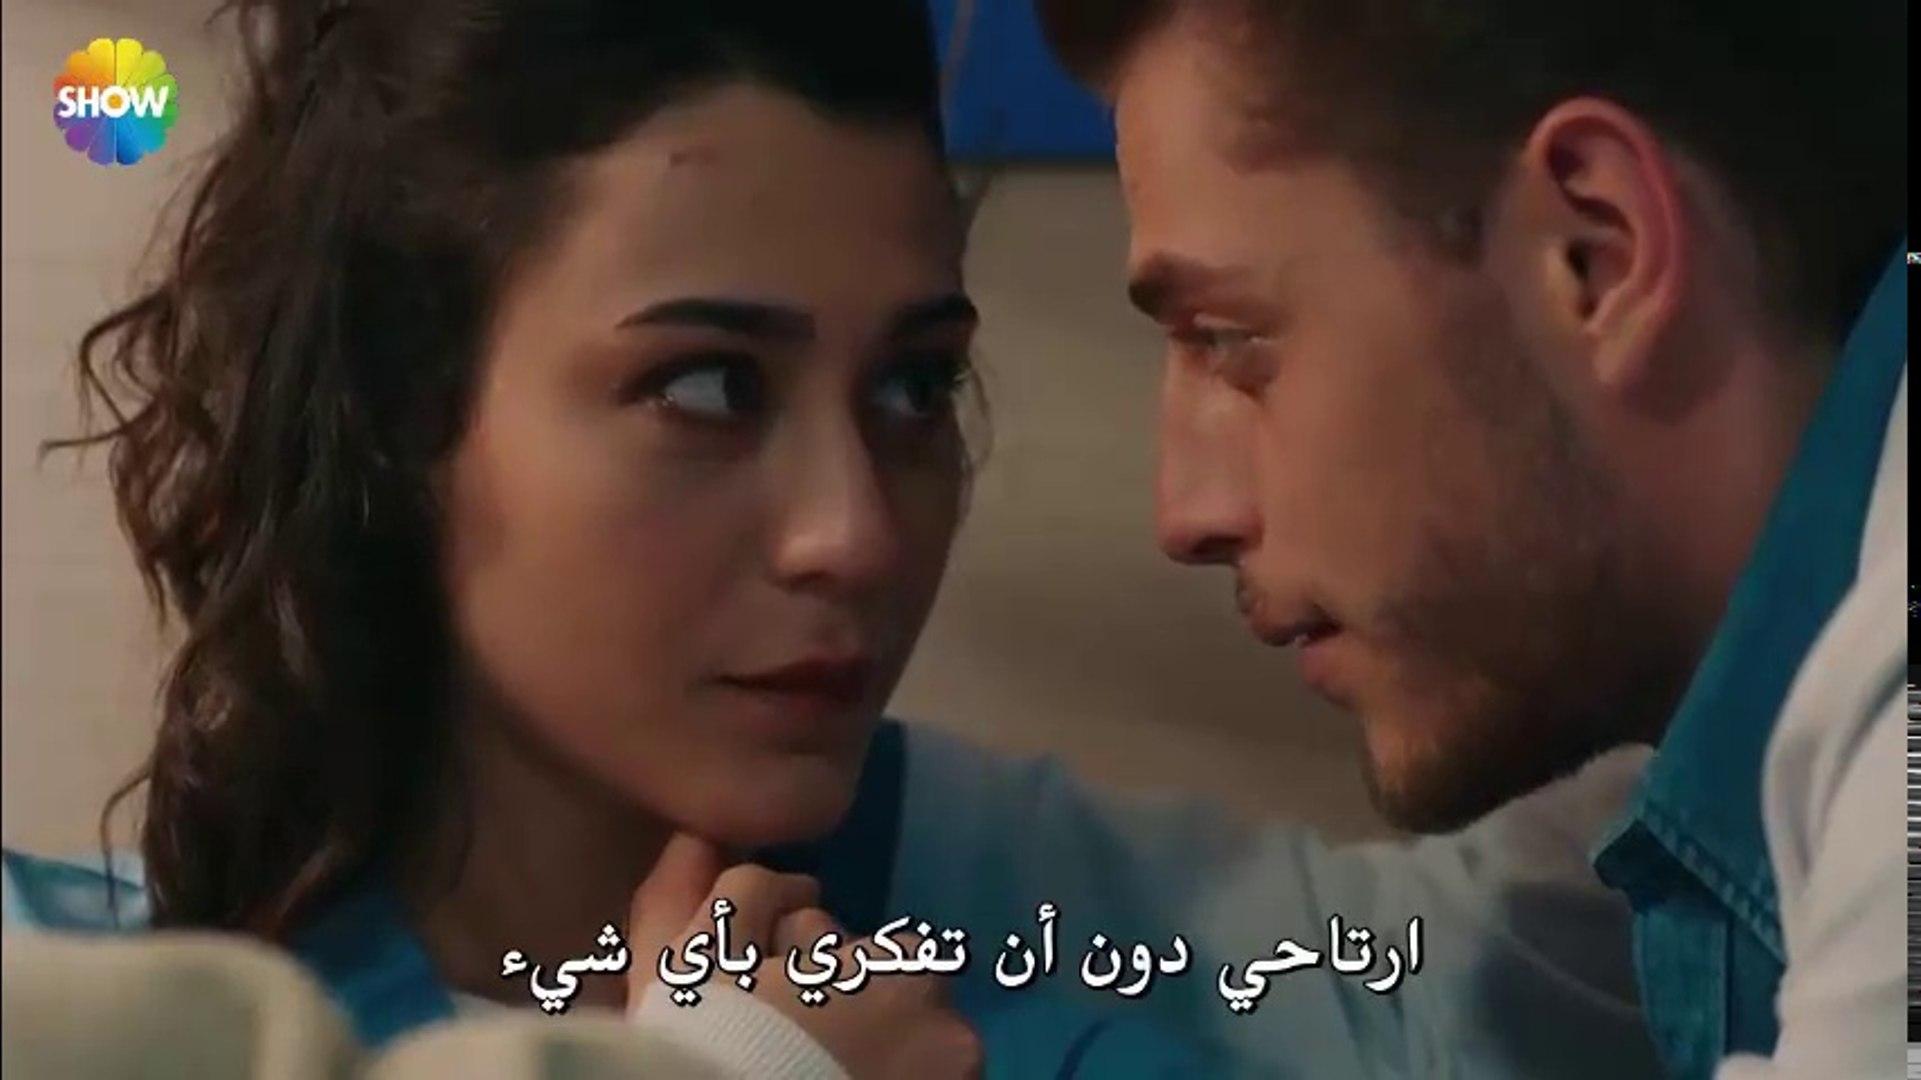 مسلسل نبضات قلب الحلقة 29 كاملة مترجمة للعربية